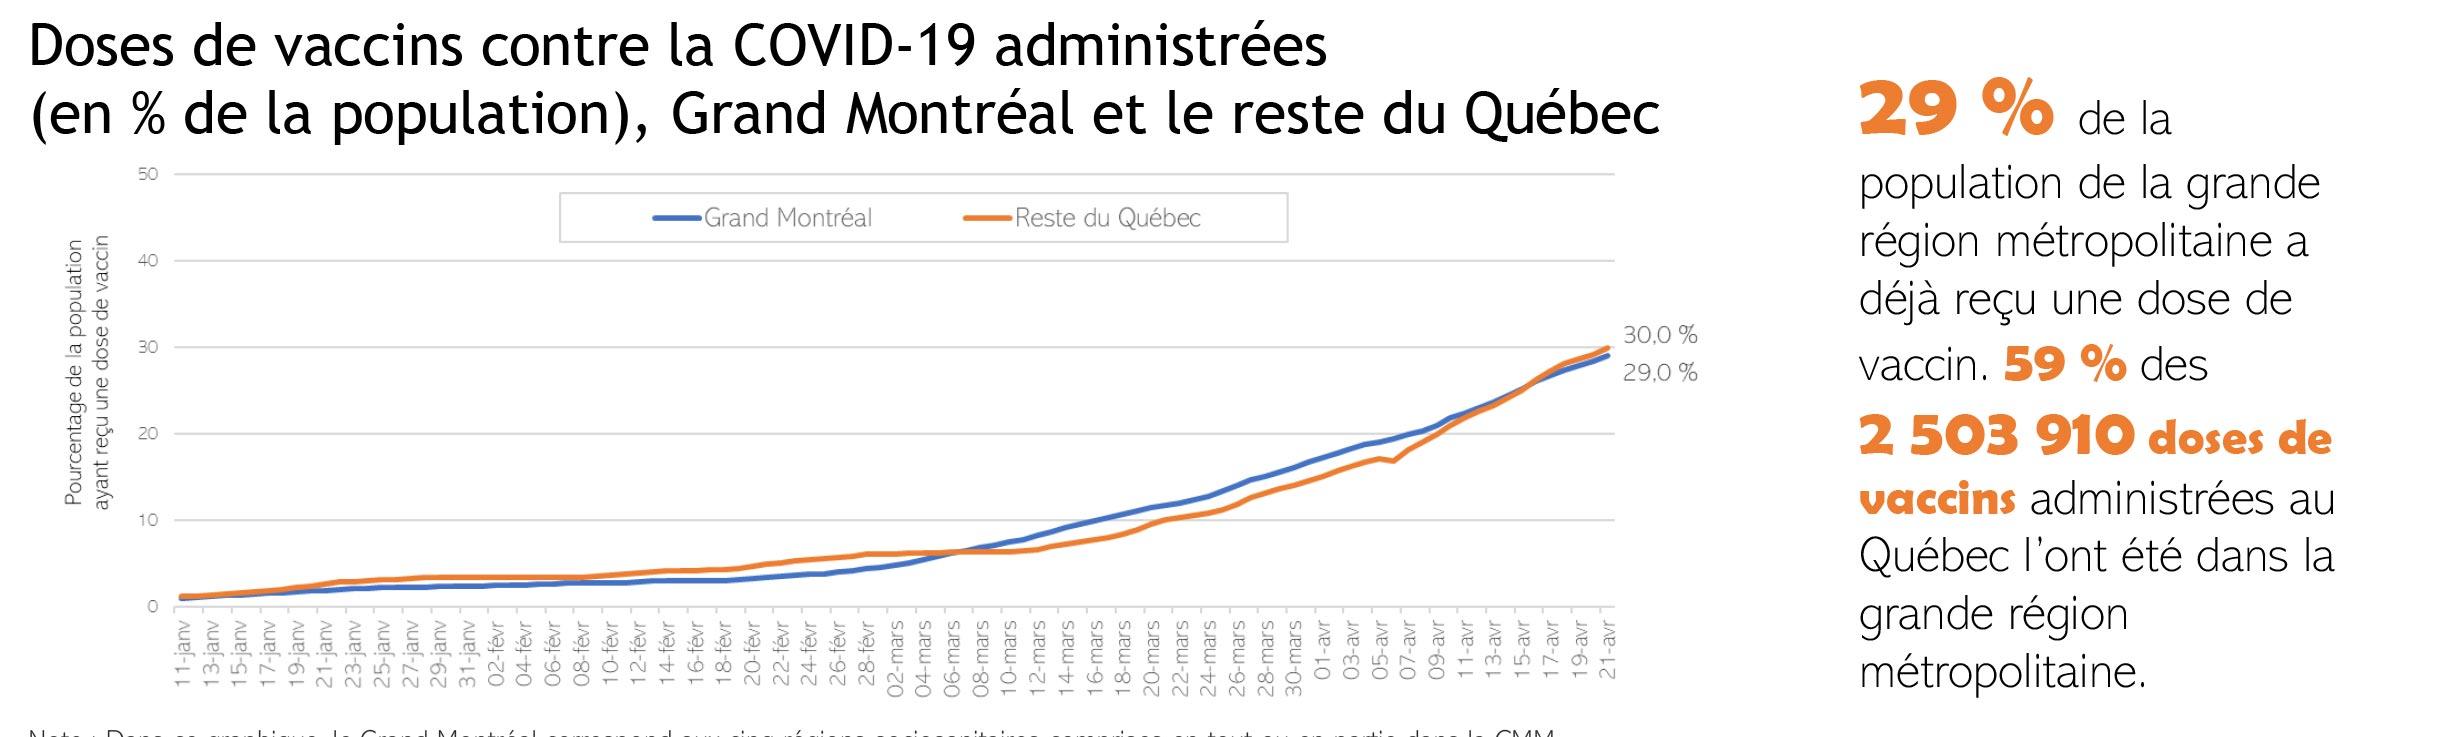 Doses de vaccins contre la COVID-19 administrées (en % de la population), Grand Montréal et le reste du Québec